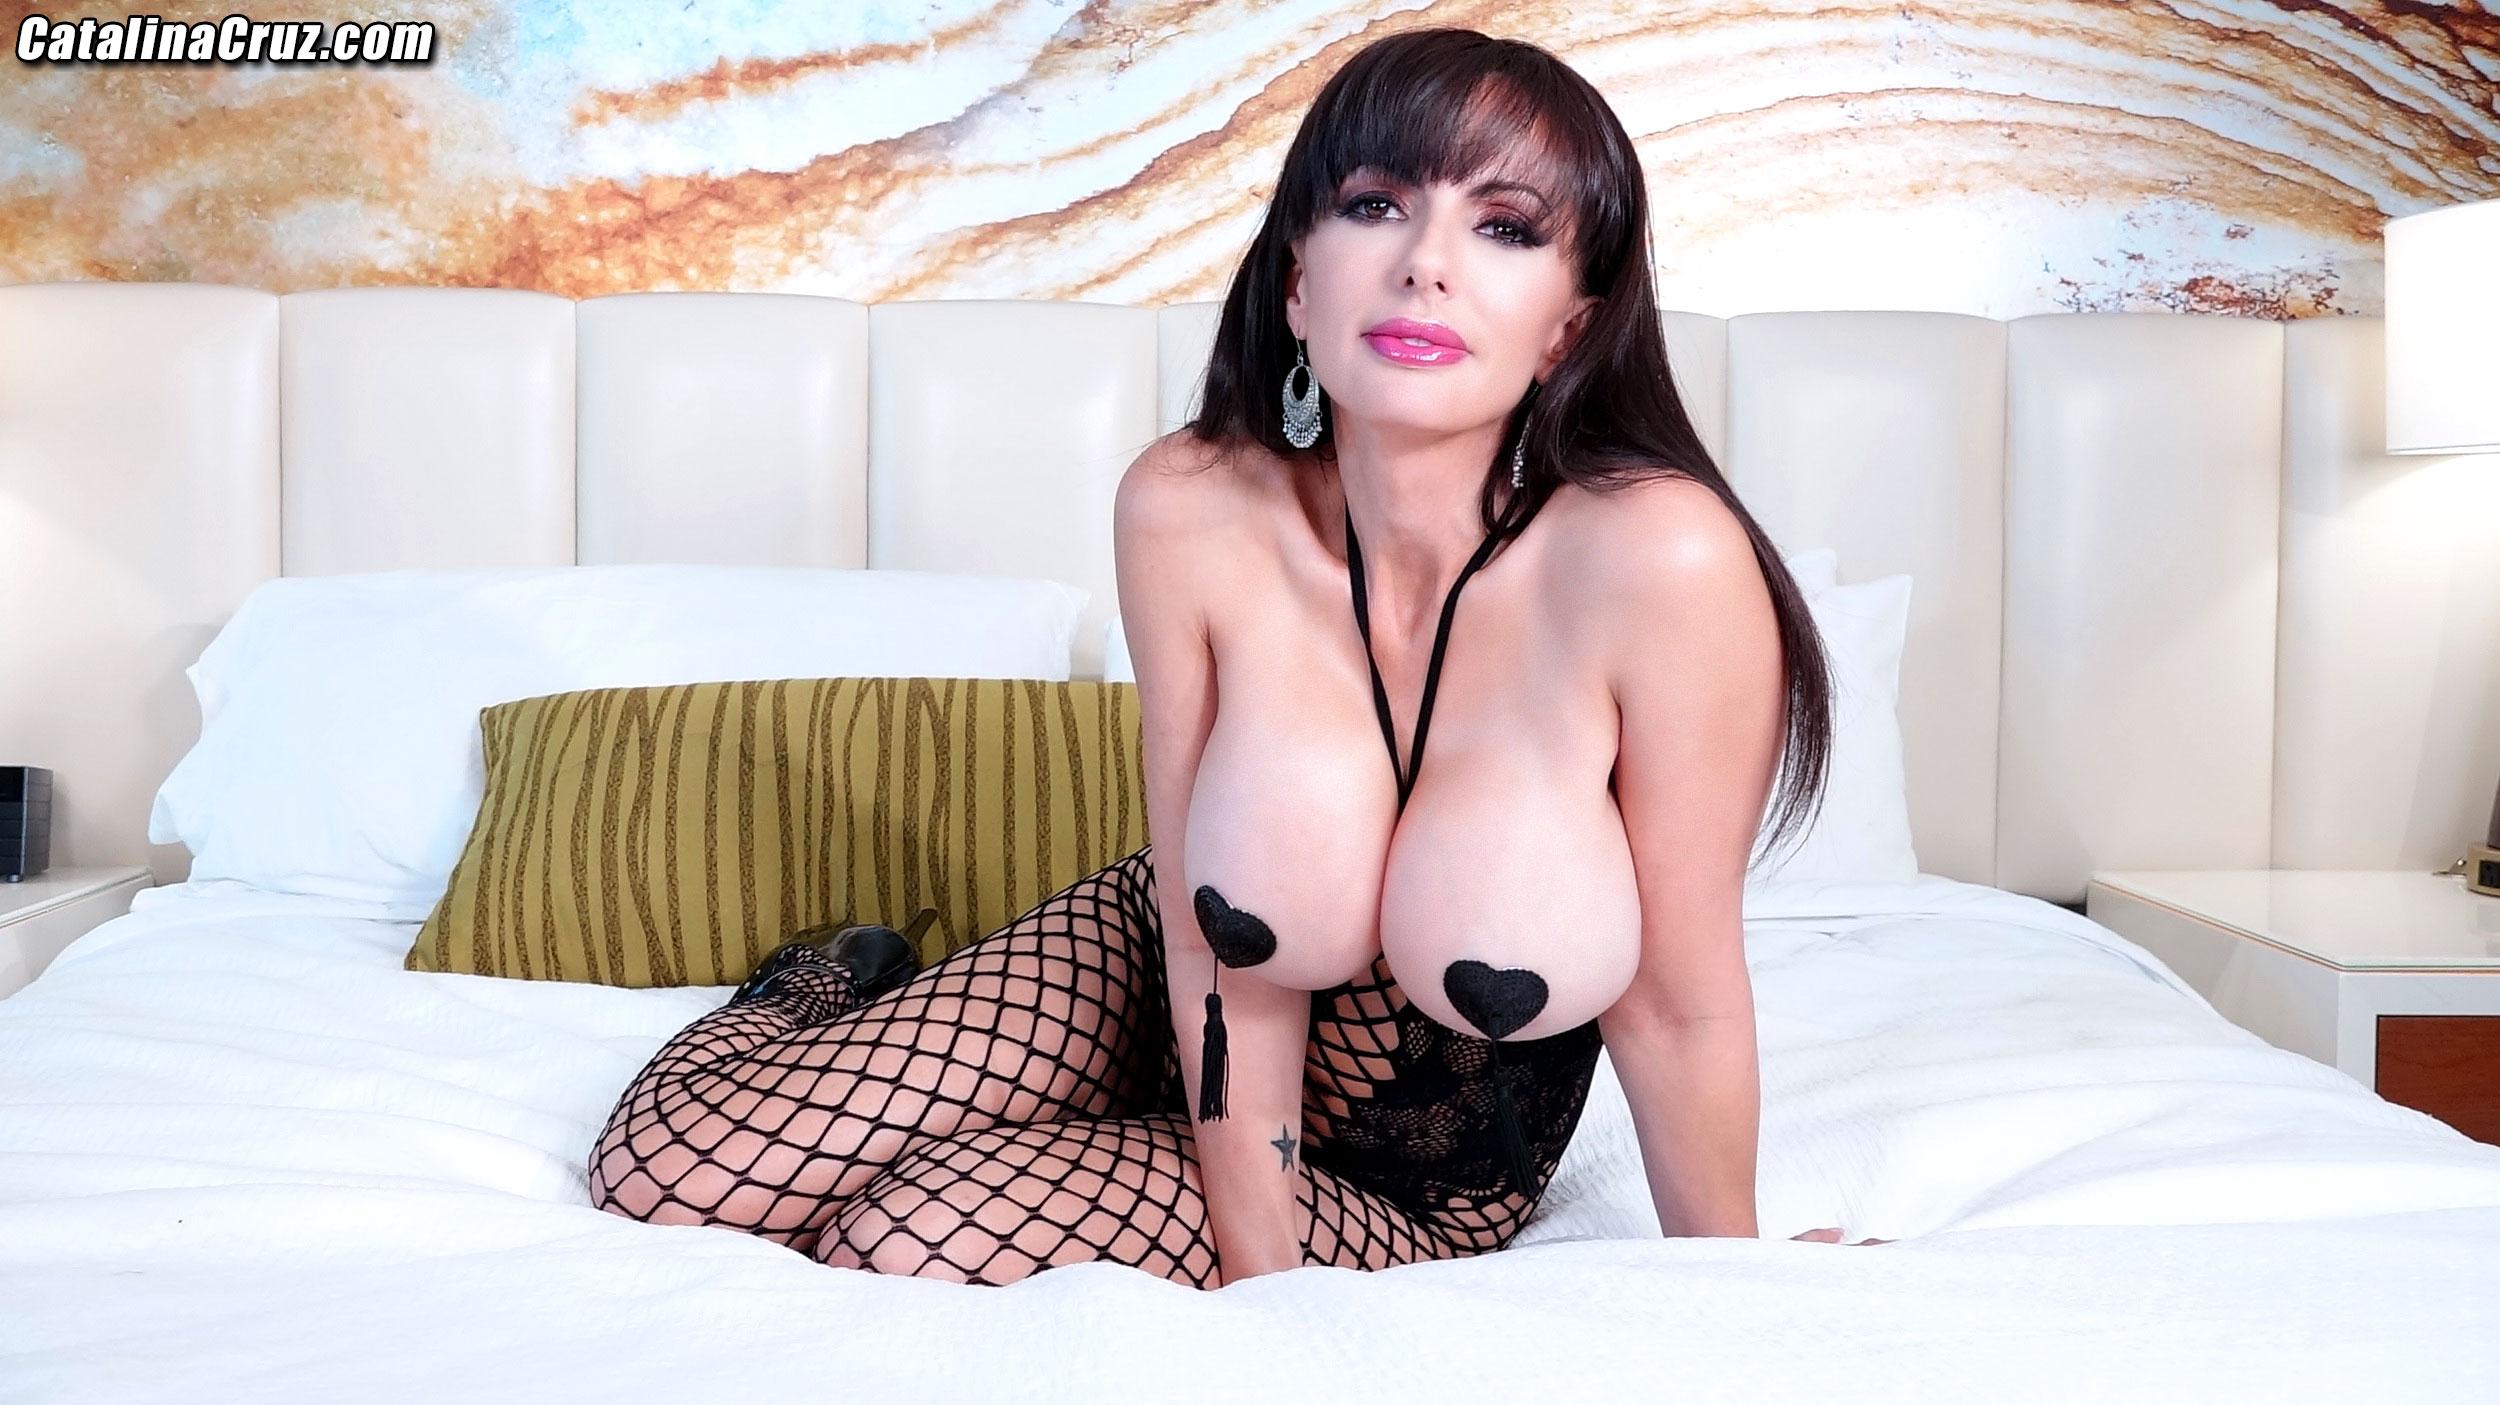 Short Hair Big Tits Webcam